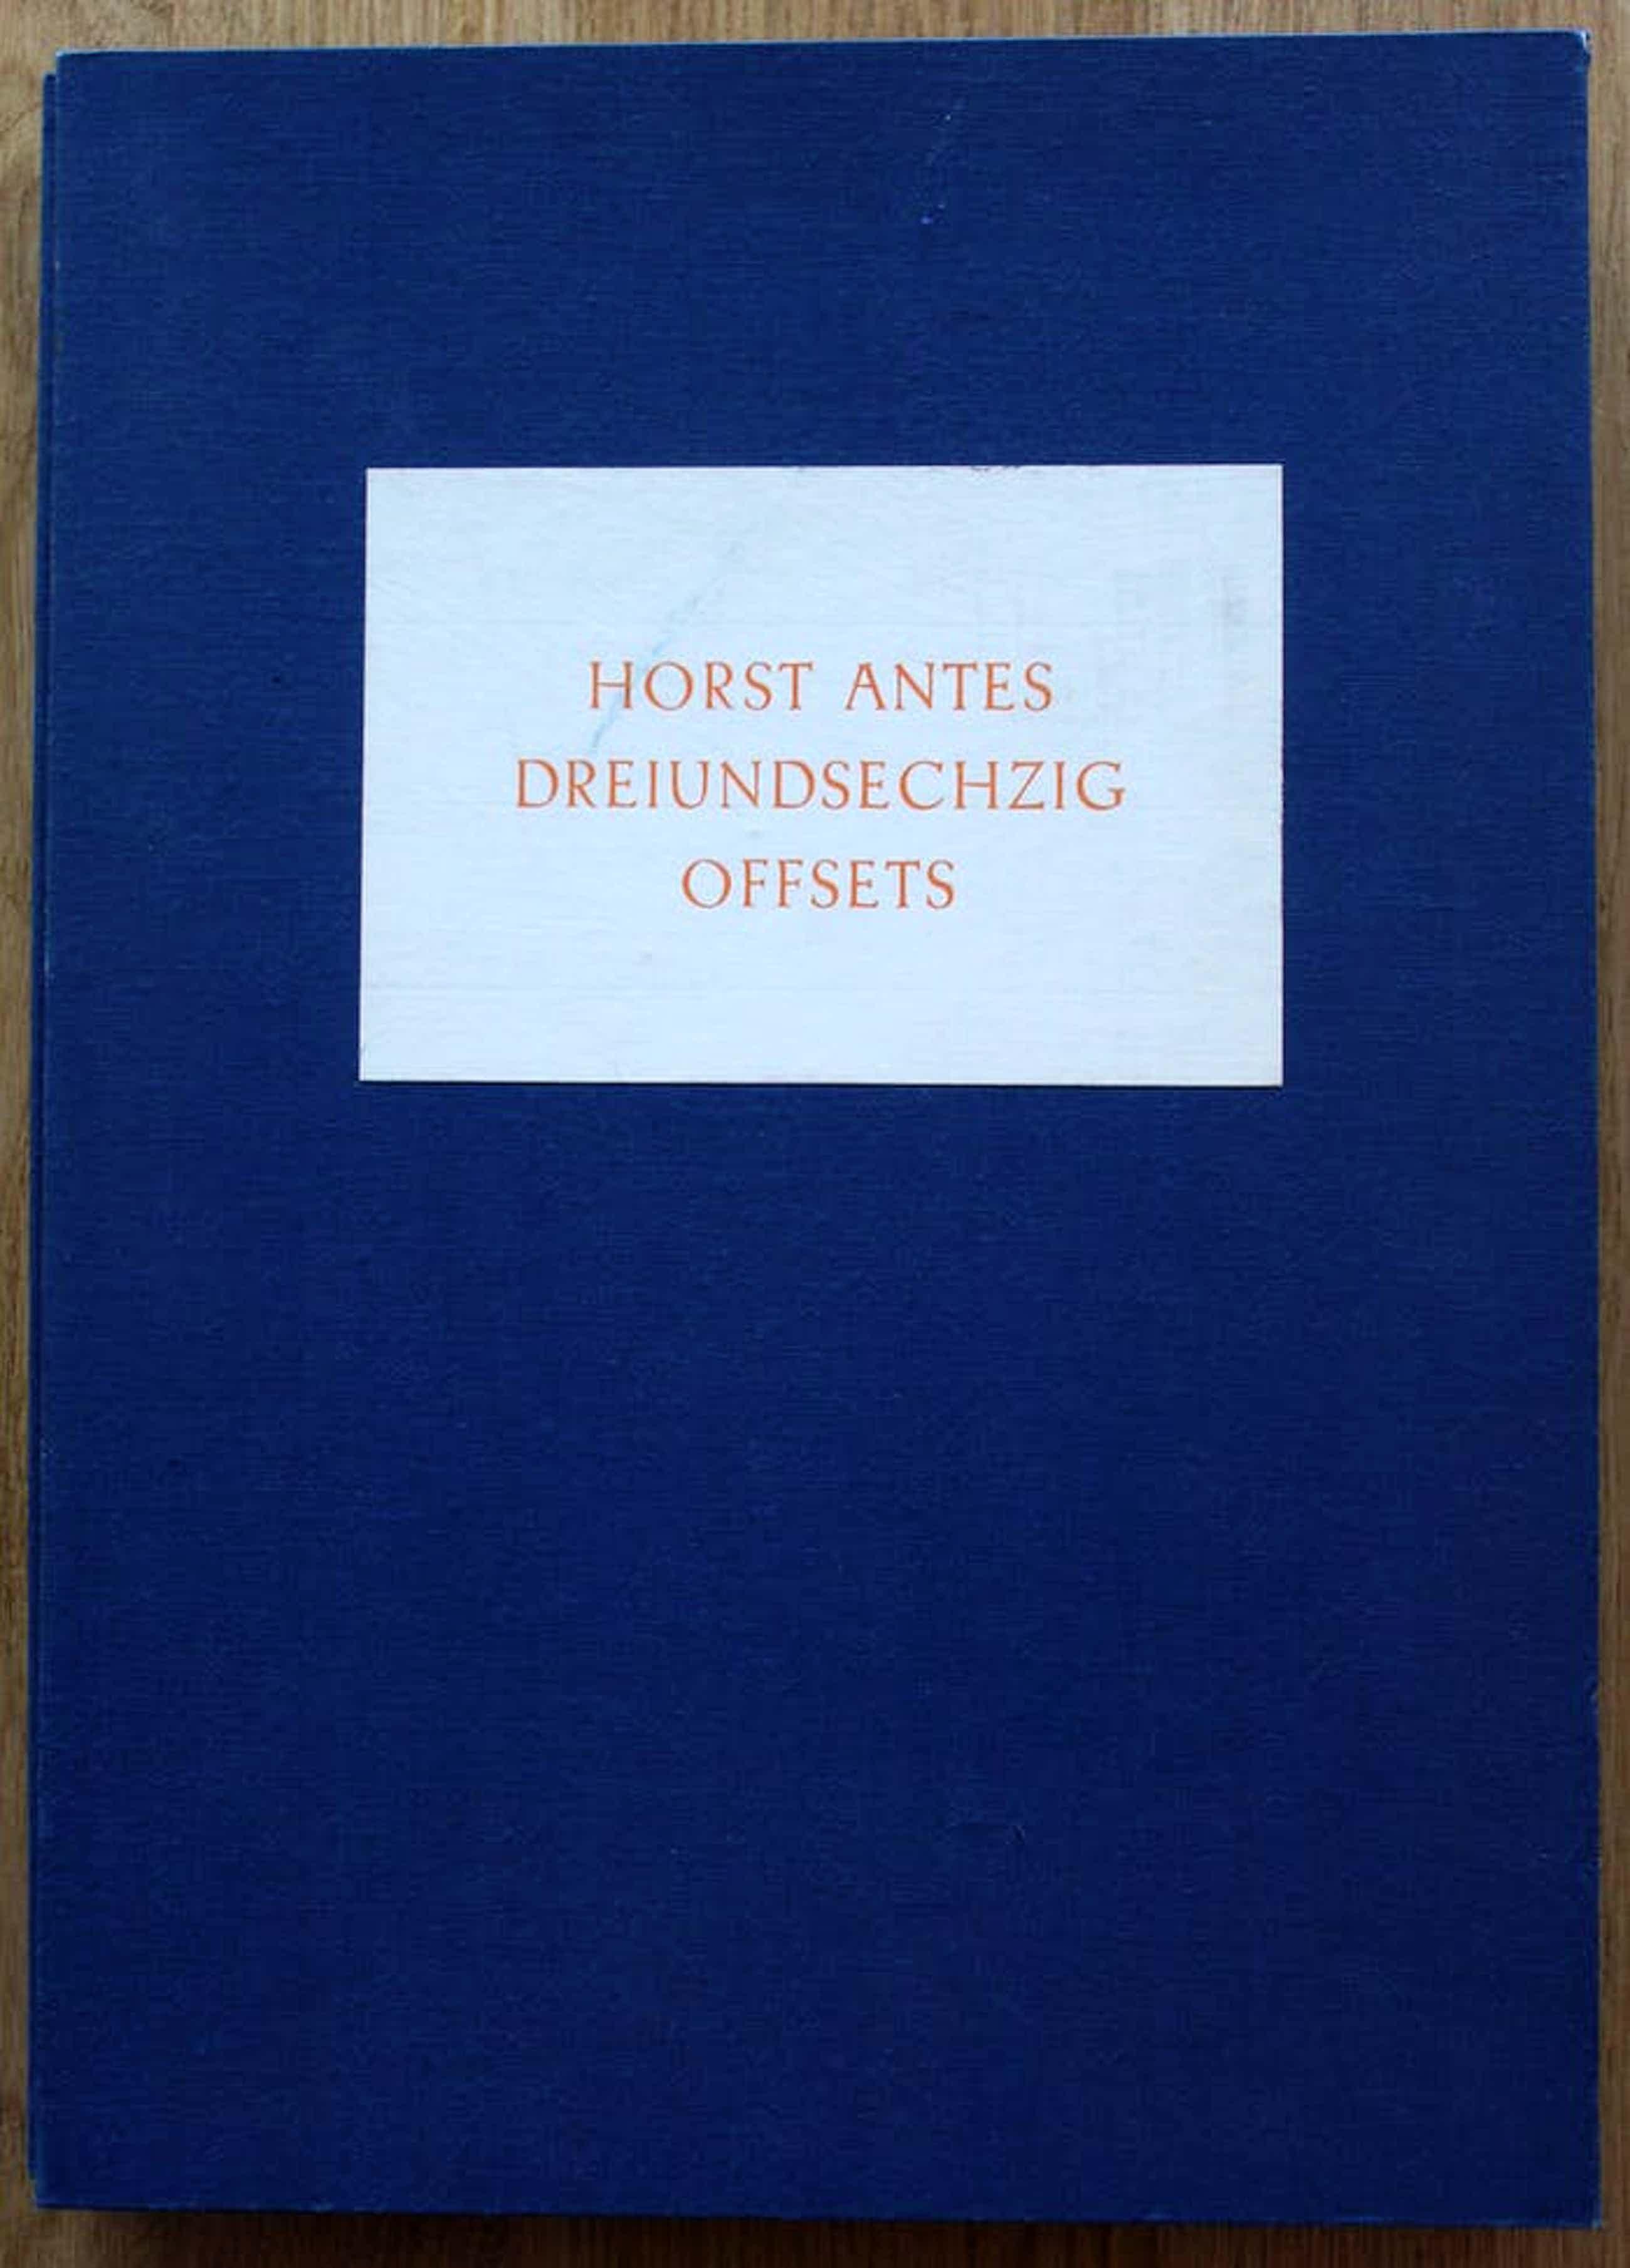 Horst Antes - Map met 63 litho's - 1965 kopen? Bied vanaf 1250!